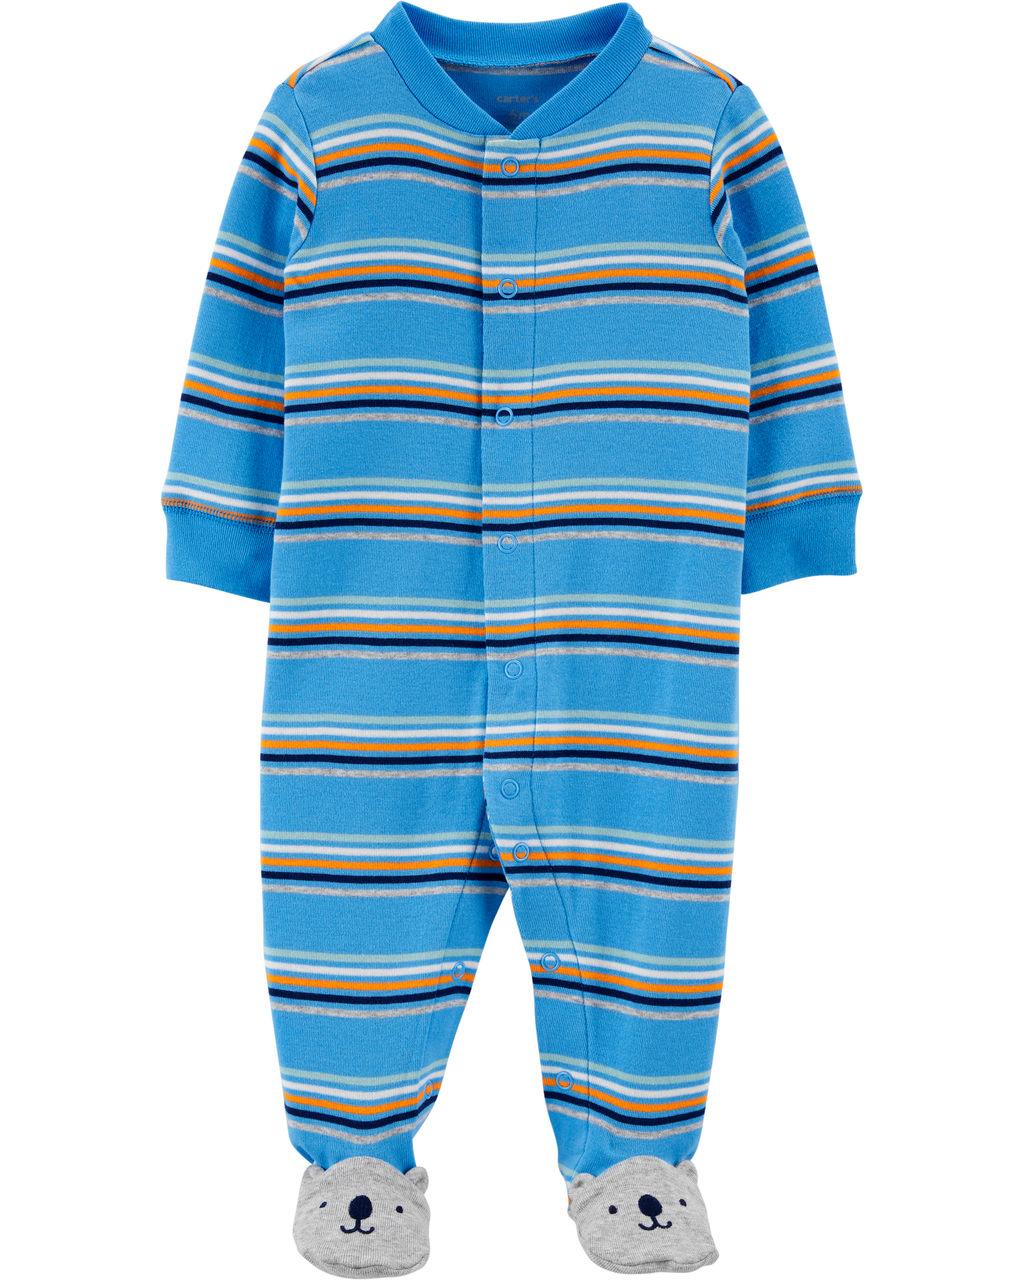 Pijama listrado